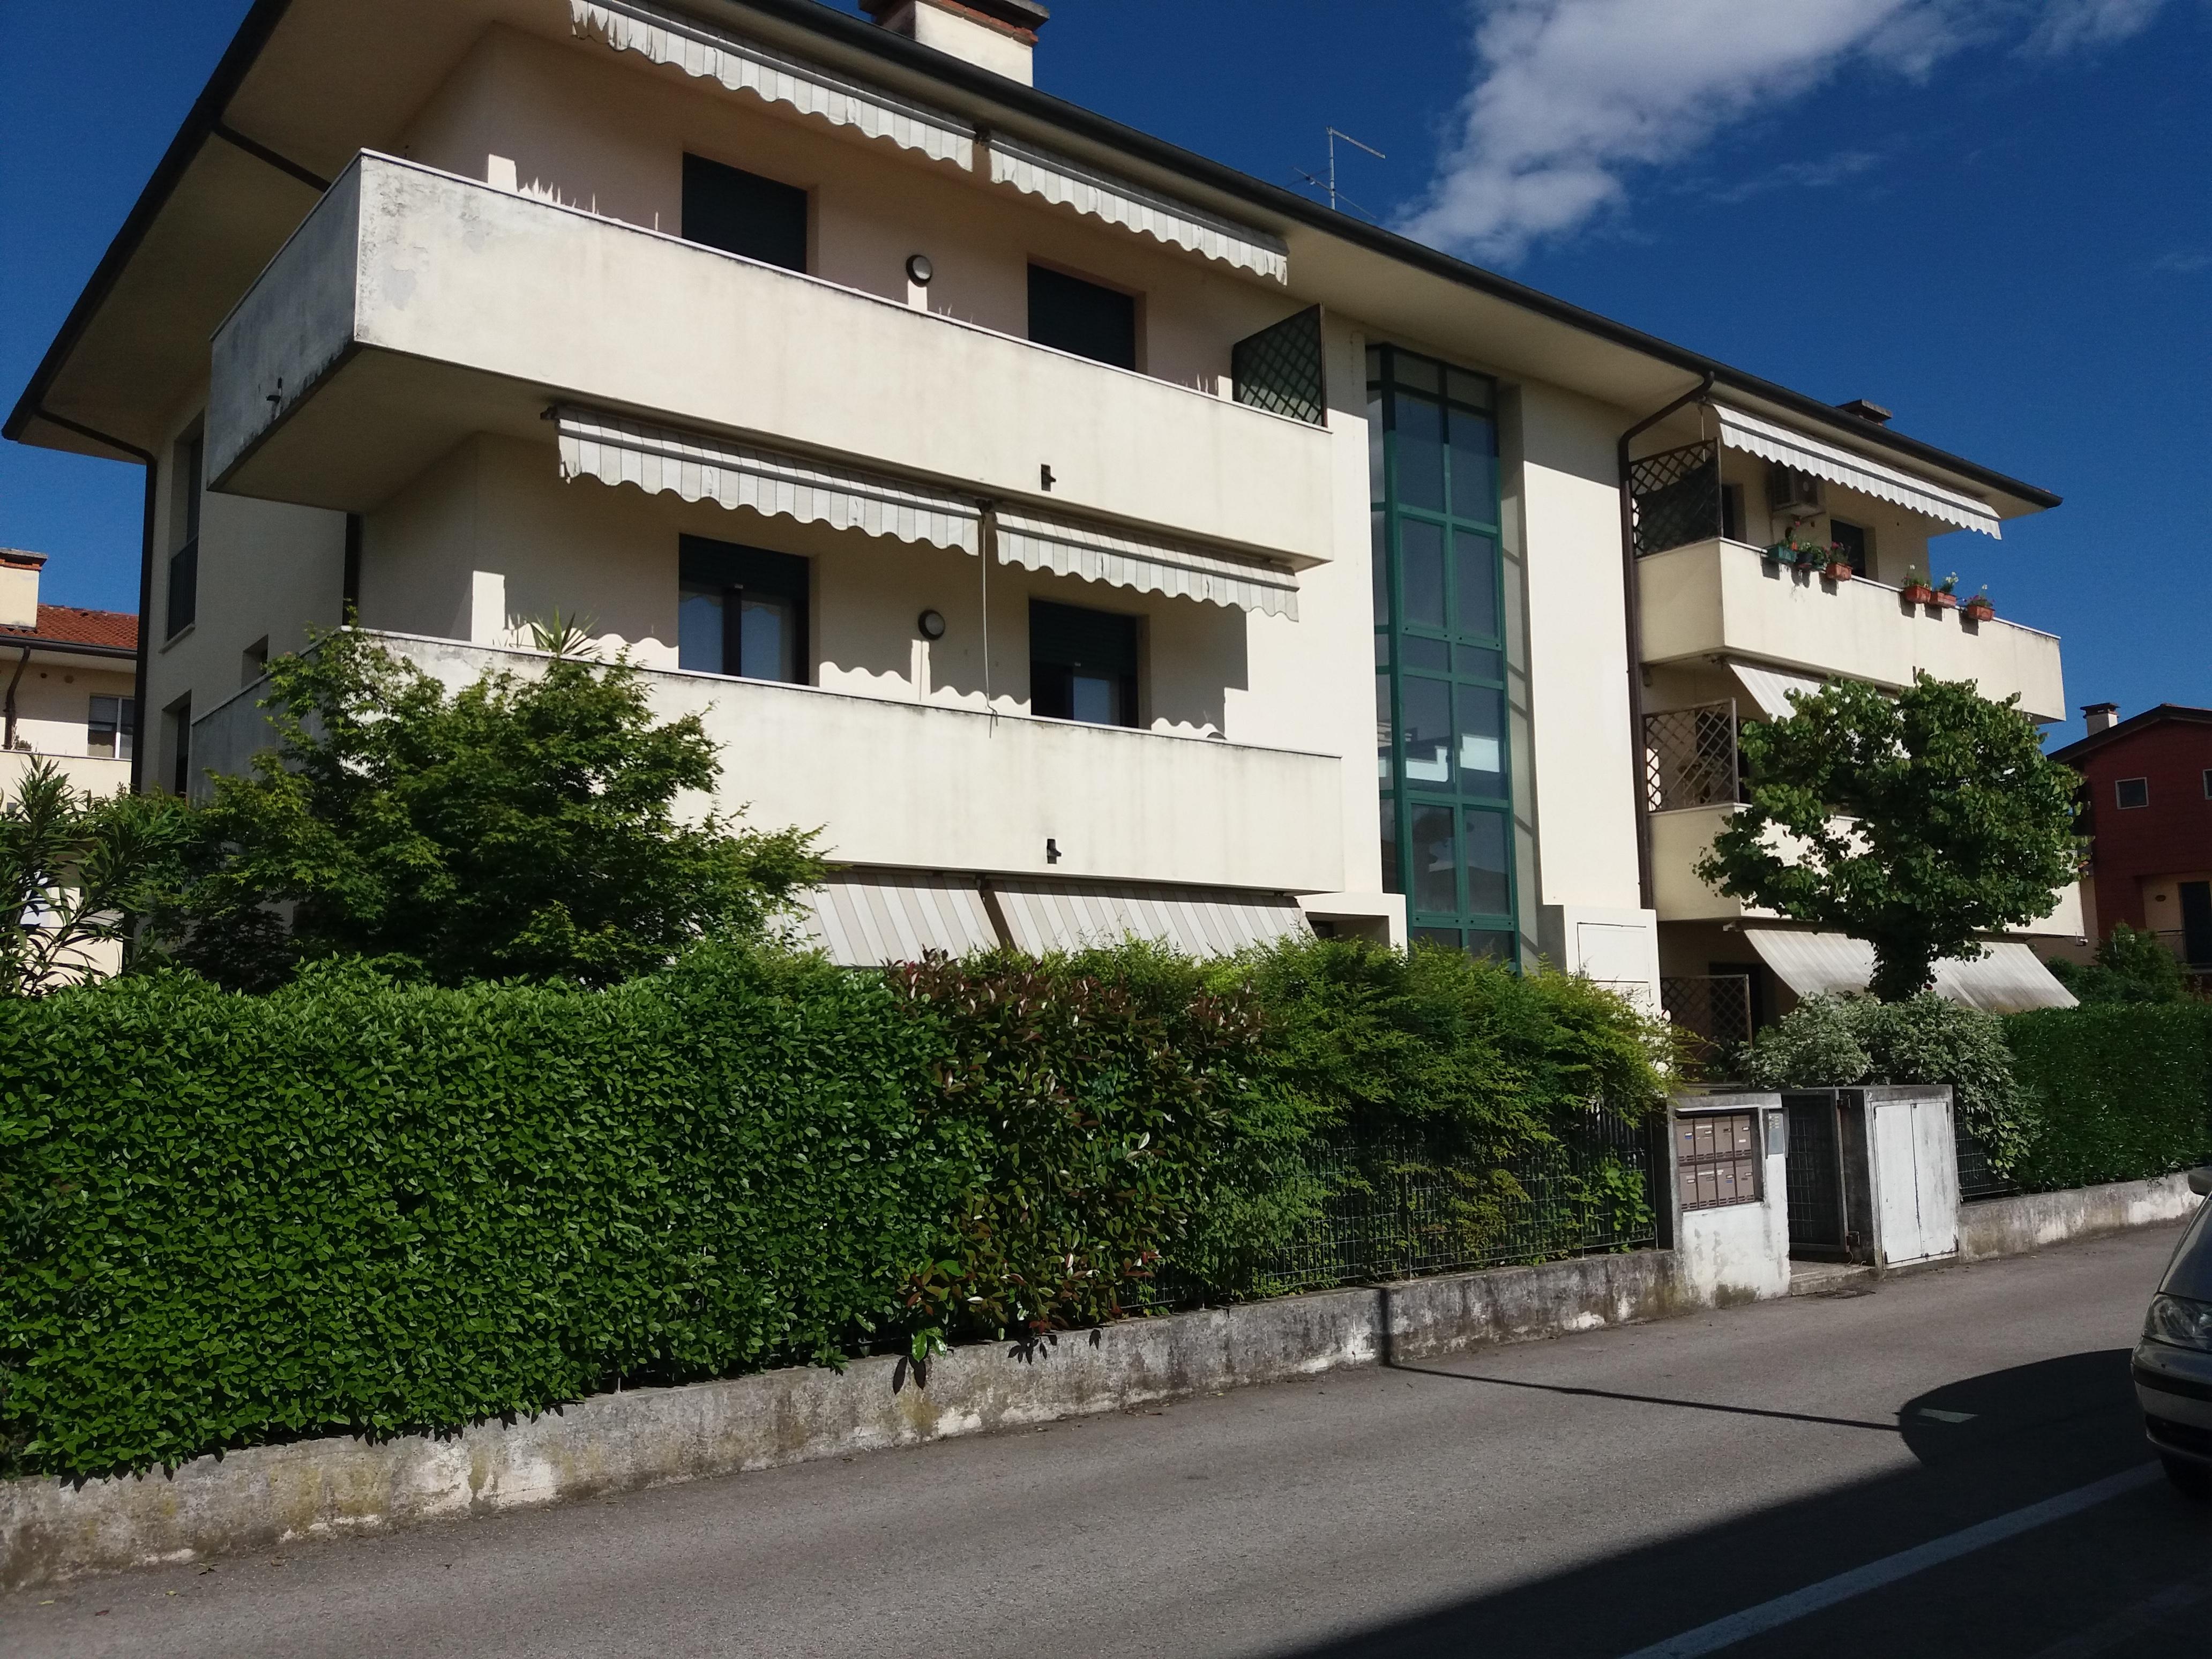 L Angolo Della Ceramica Costabissara.Appartamento Quadrilocale In Vendita A Costabissara Agenzie